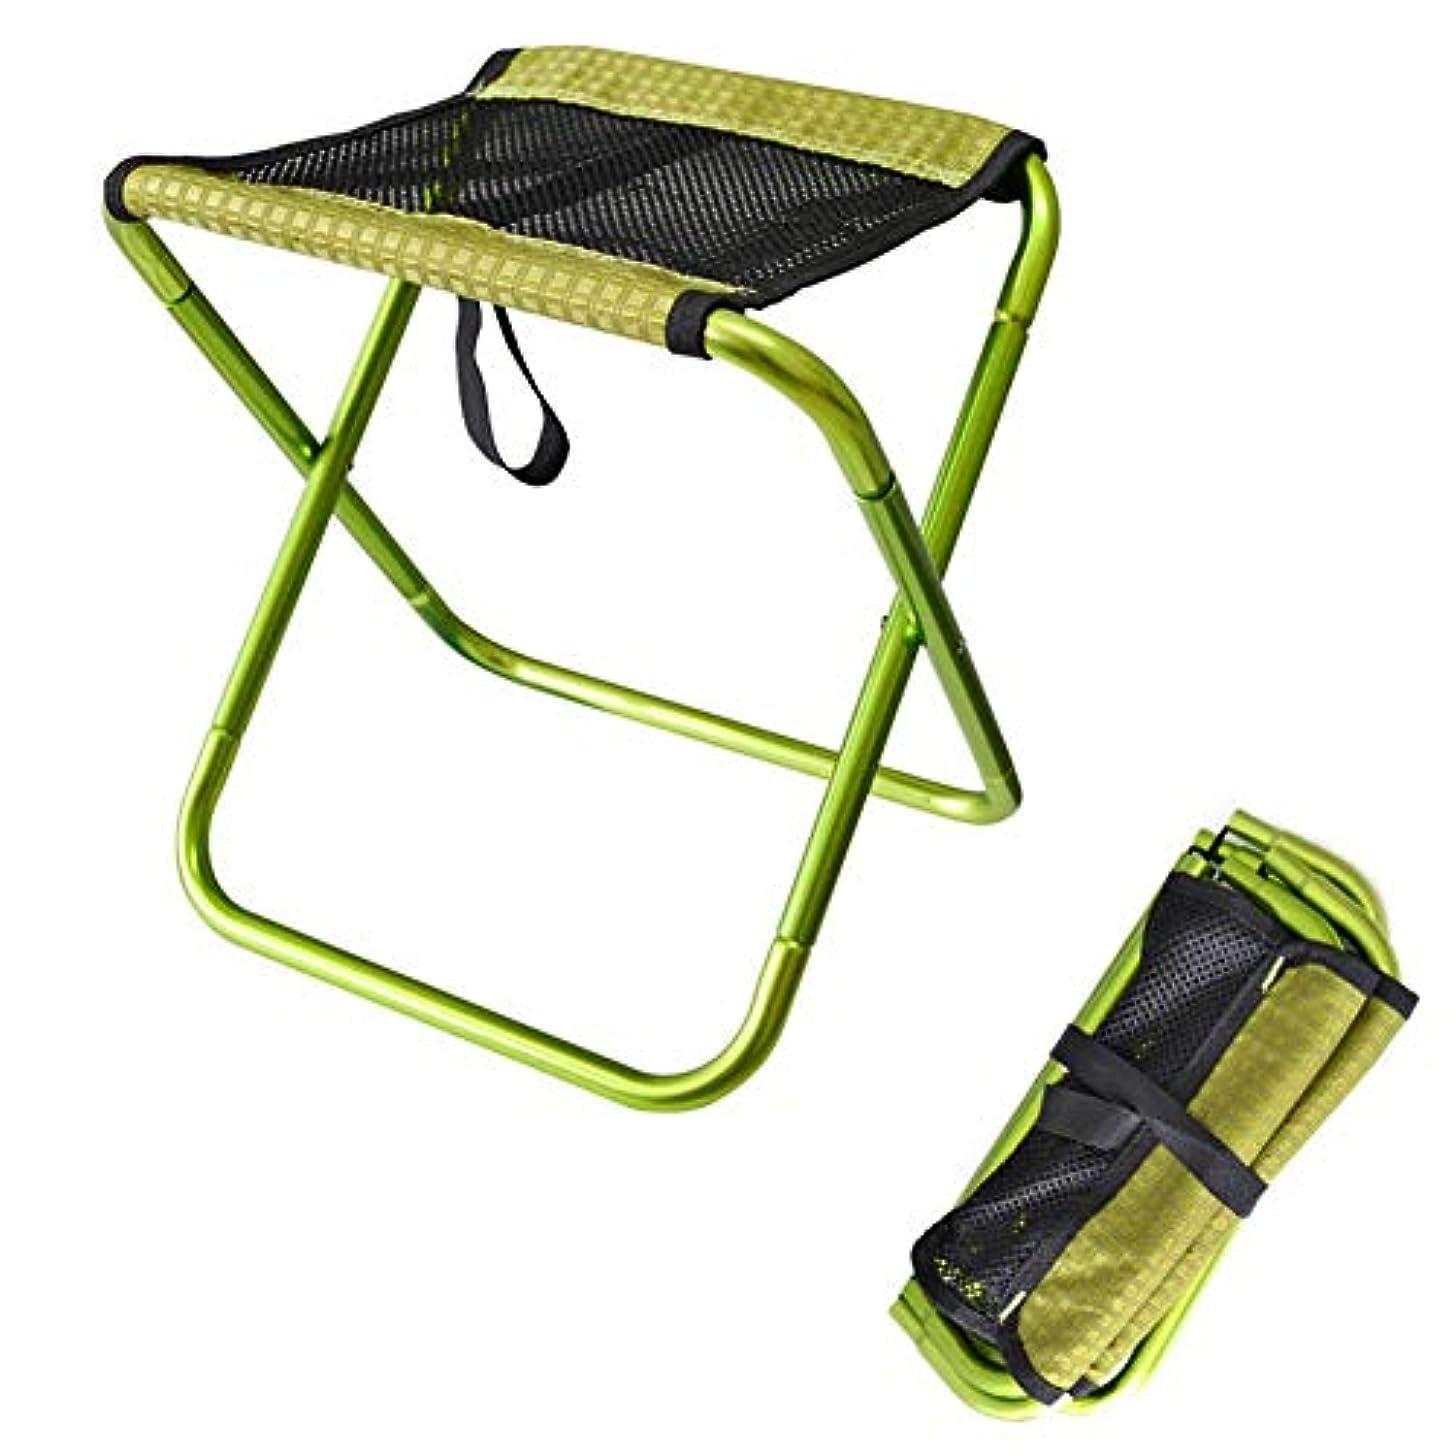 出演者ダウンペインティング屋外折り畳み式超軽量ポータブル折りたたみリュックキャンプオックスフォード布アルミ合金ピクニック釣り椅子